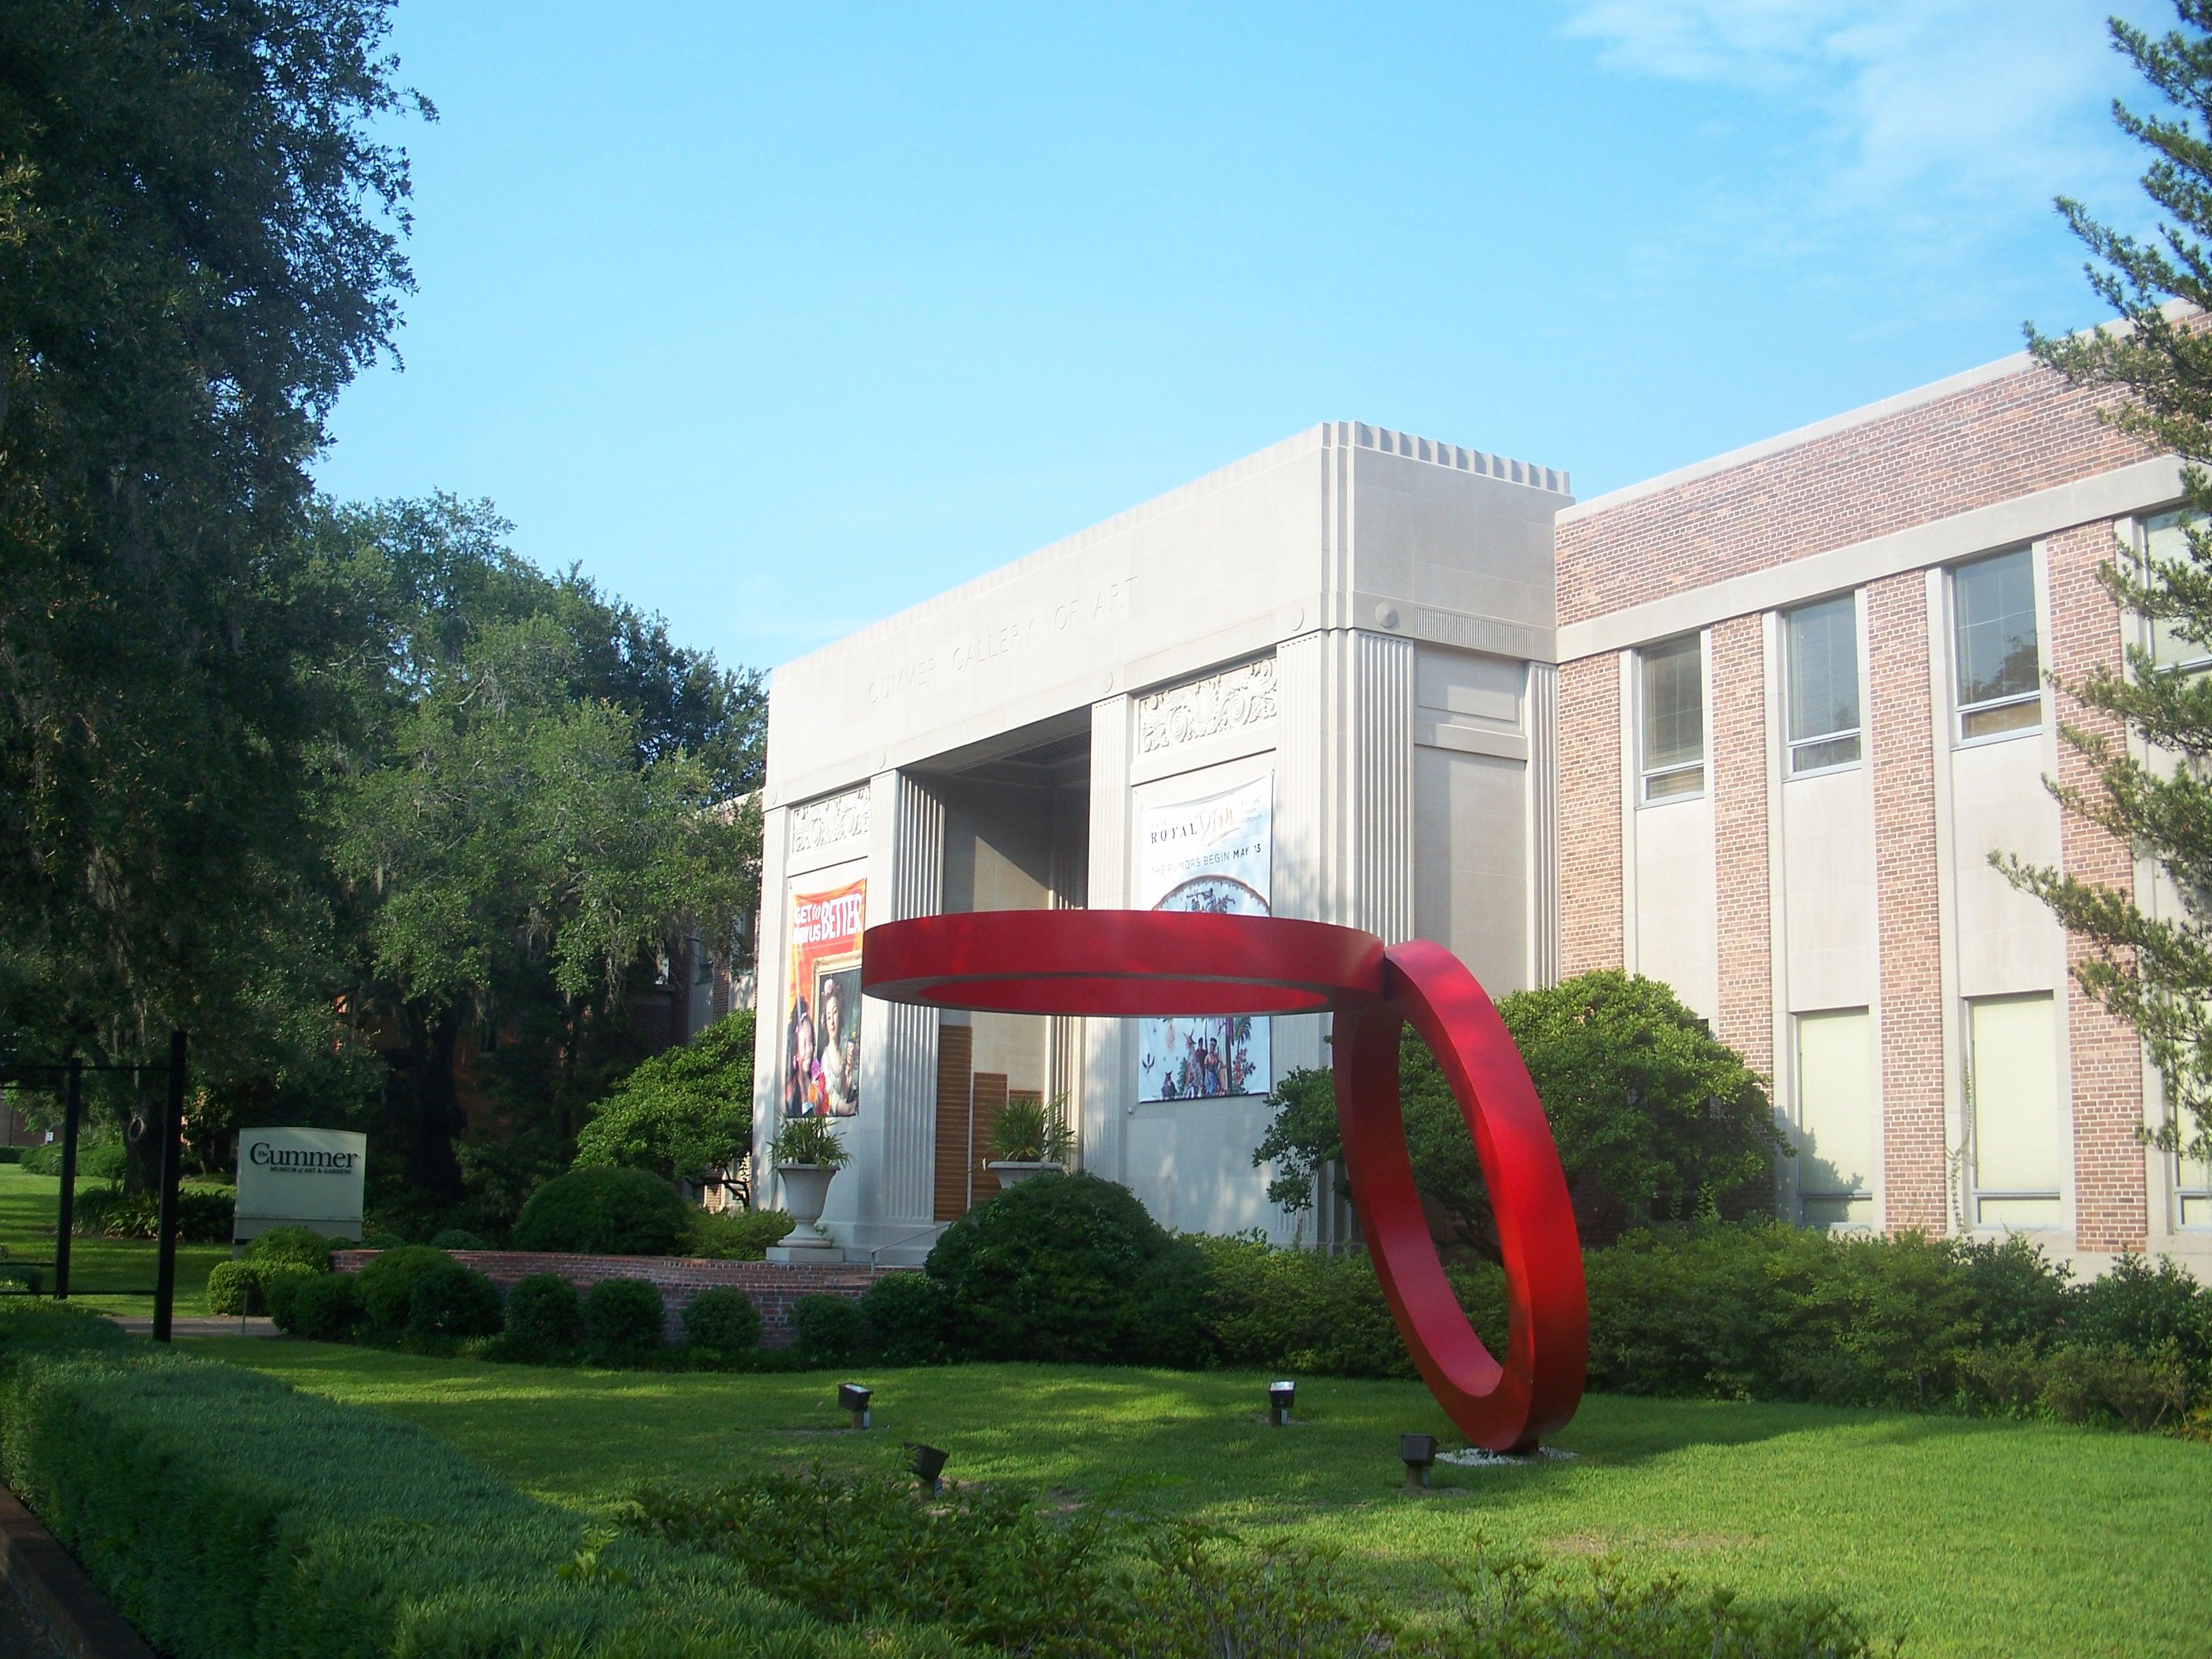 cummer museum visit